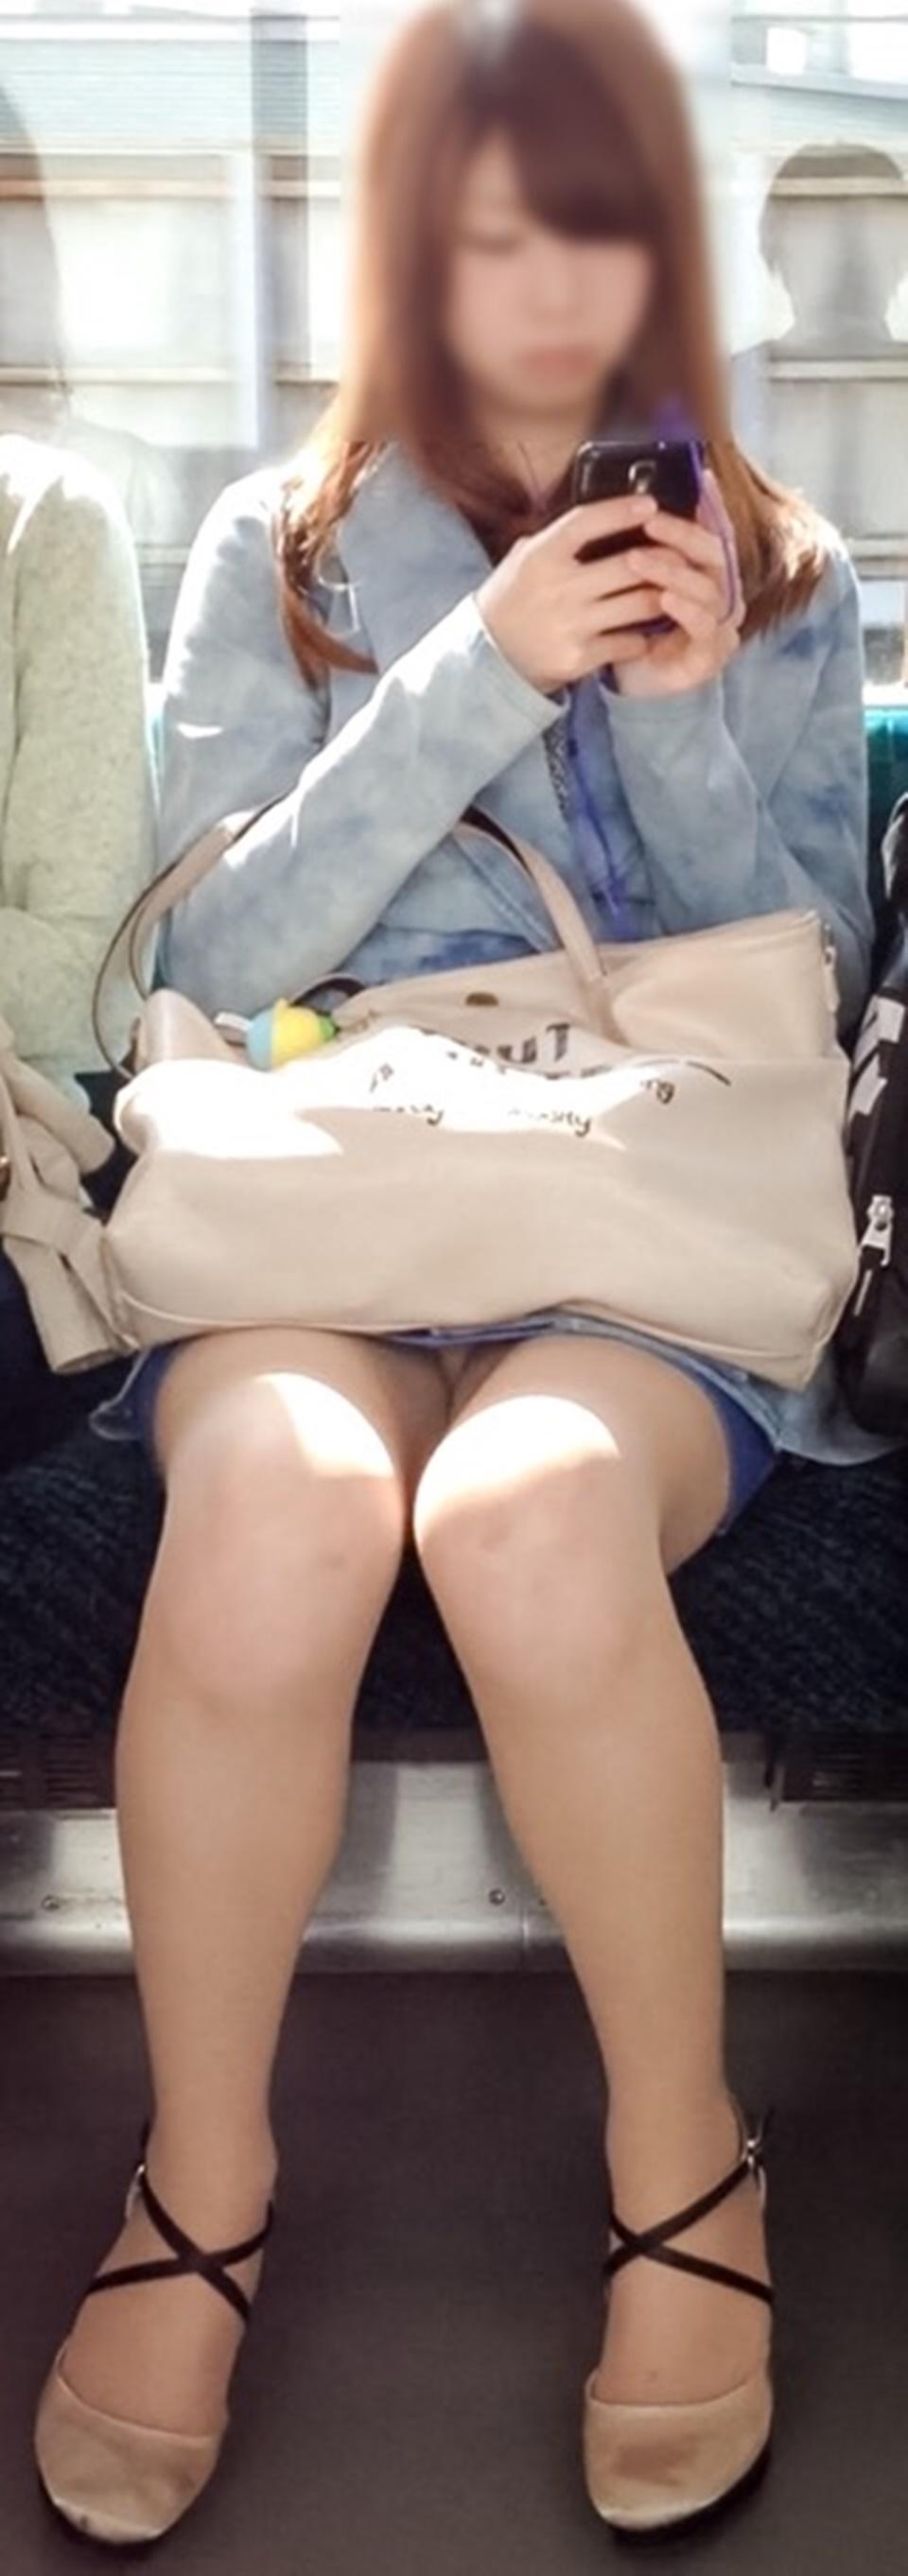 【パンチラエロ画像】電車に乗るなら忘れずにwスルー無理な対面パンチラwww 17